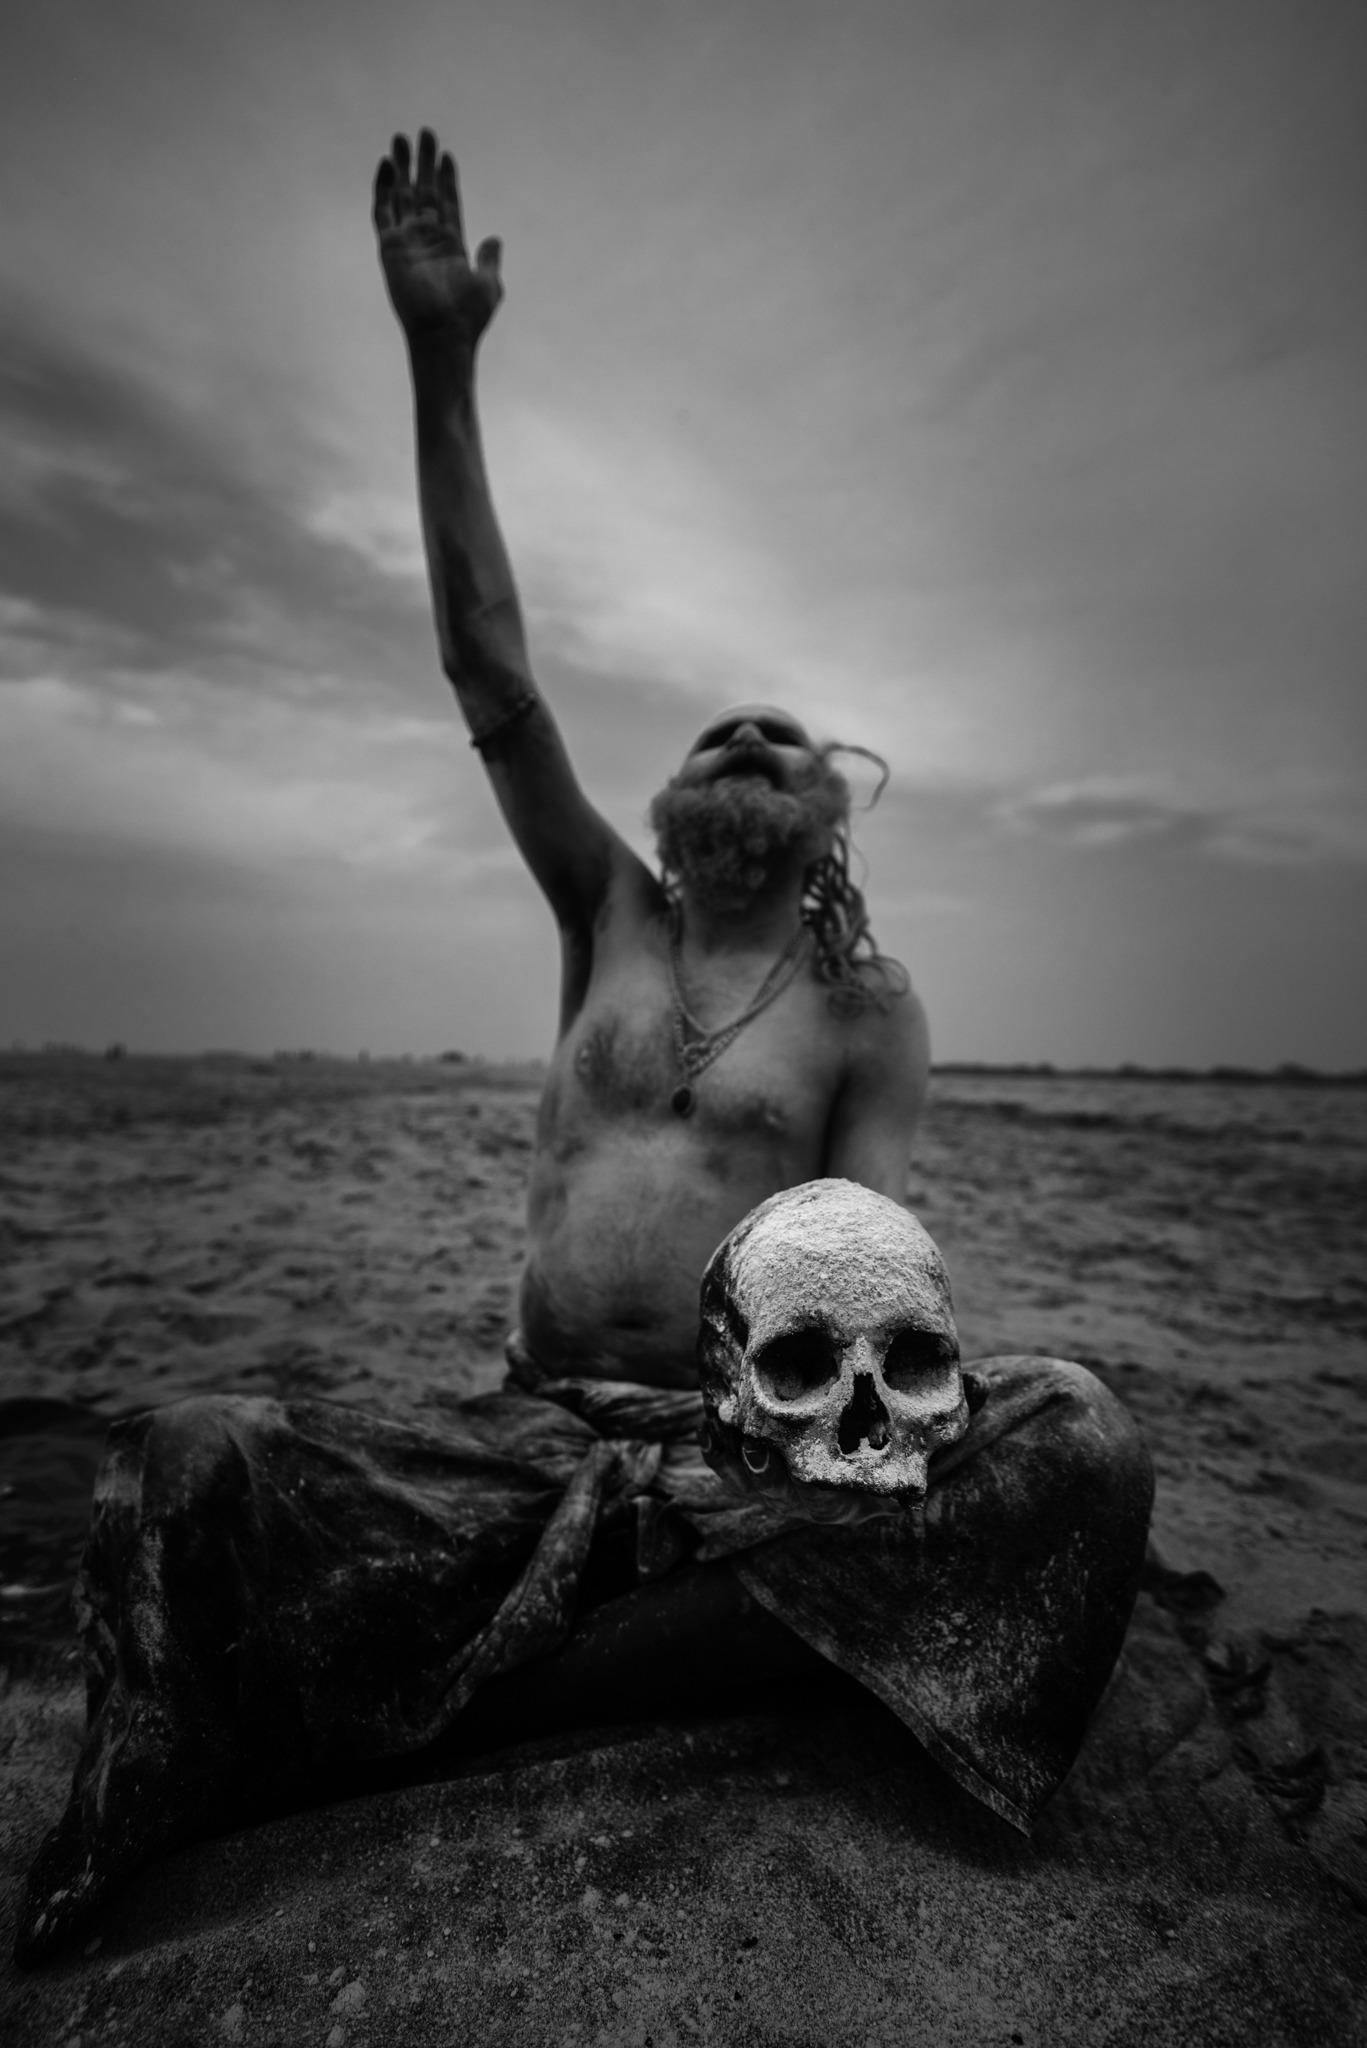 Aghori, Shiva cannibals